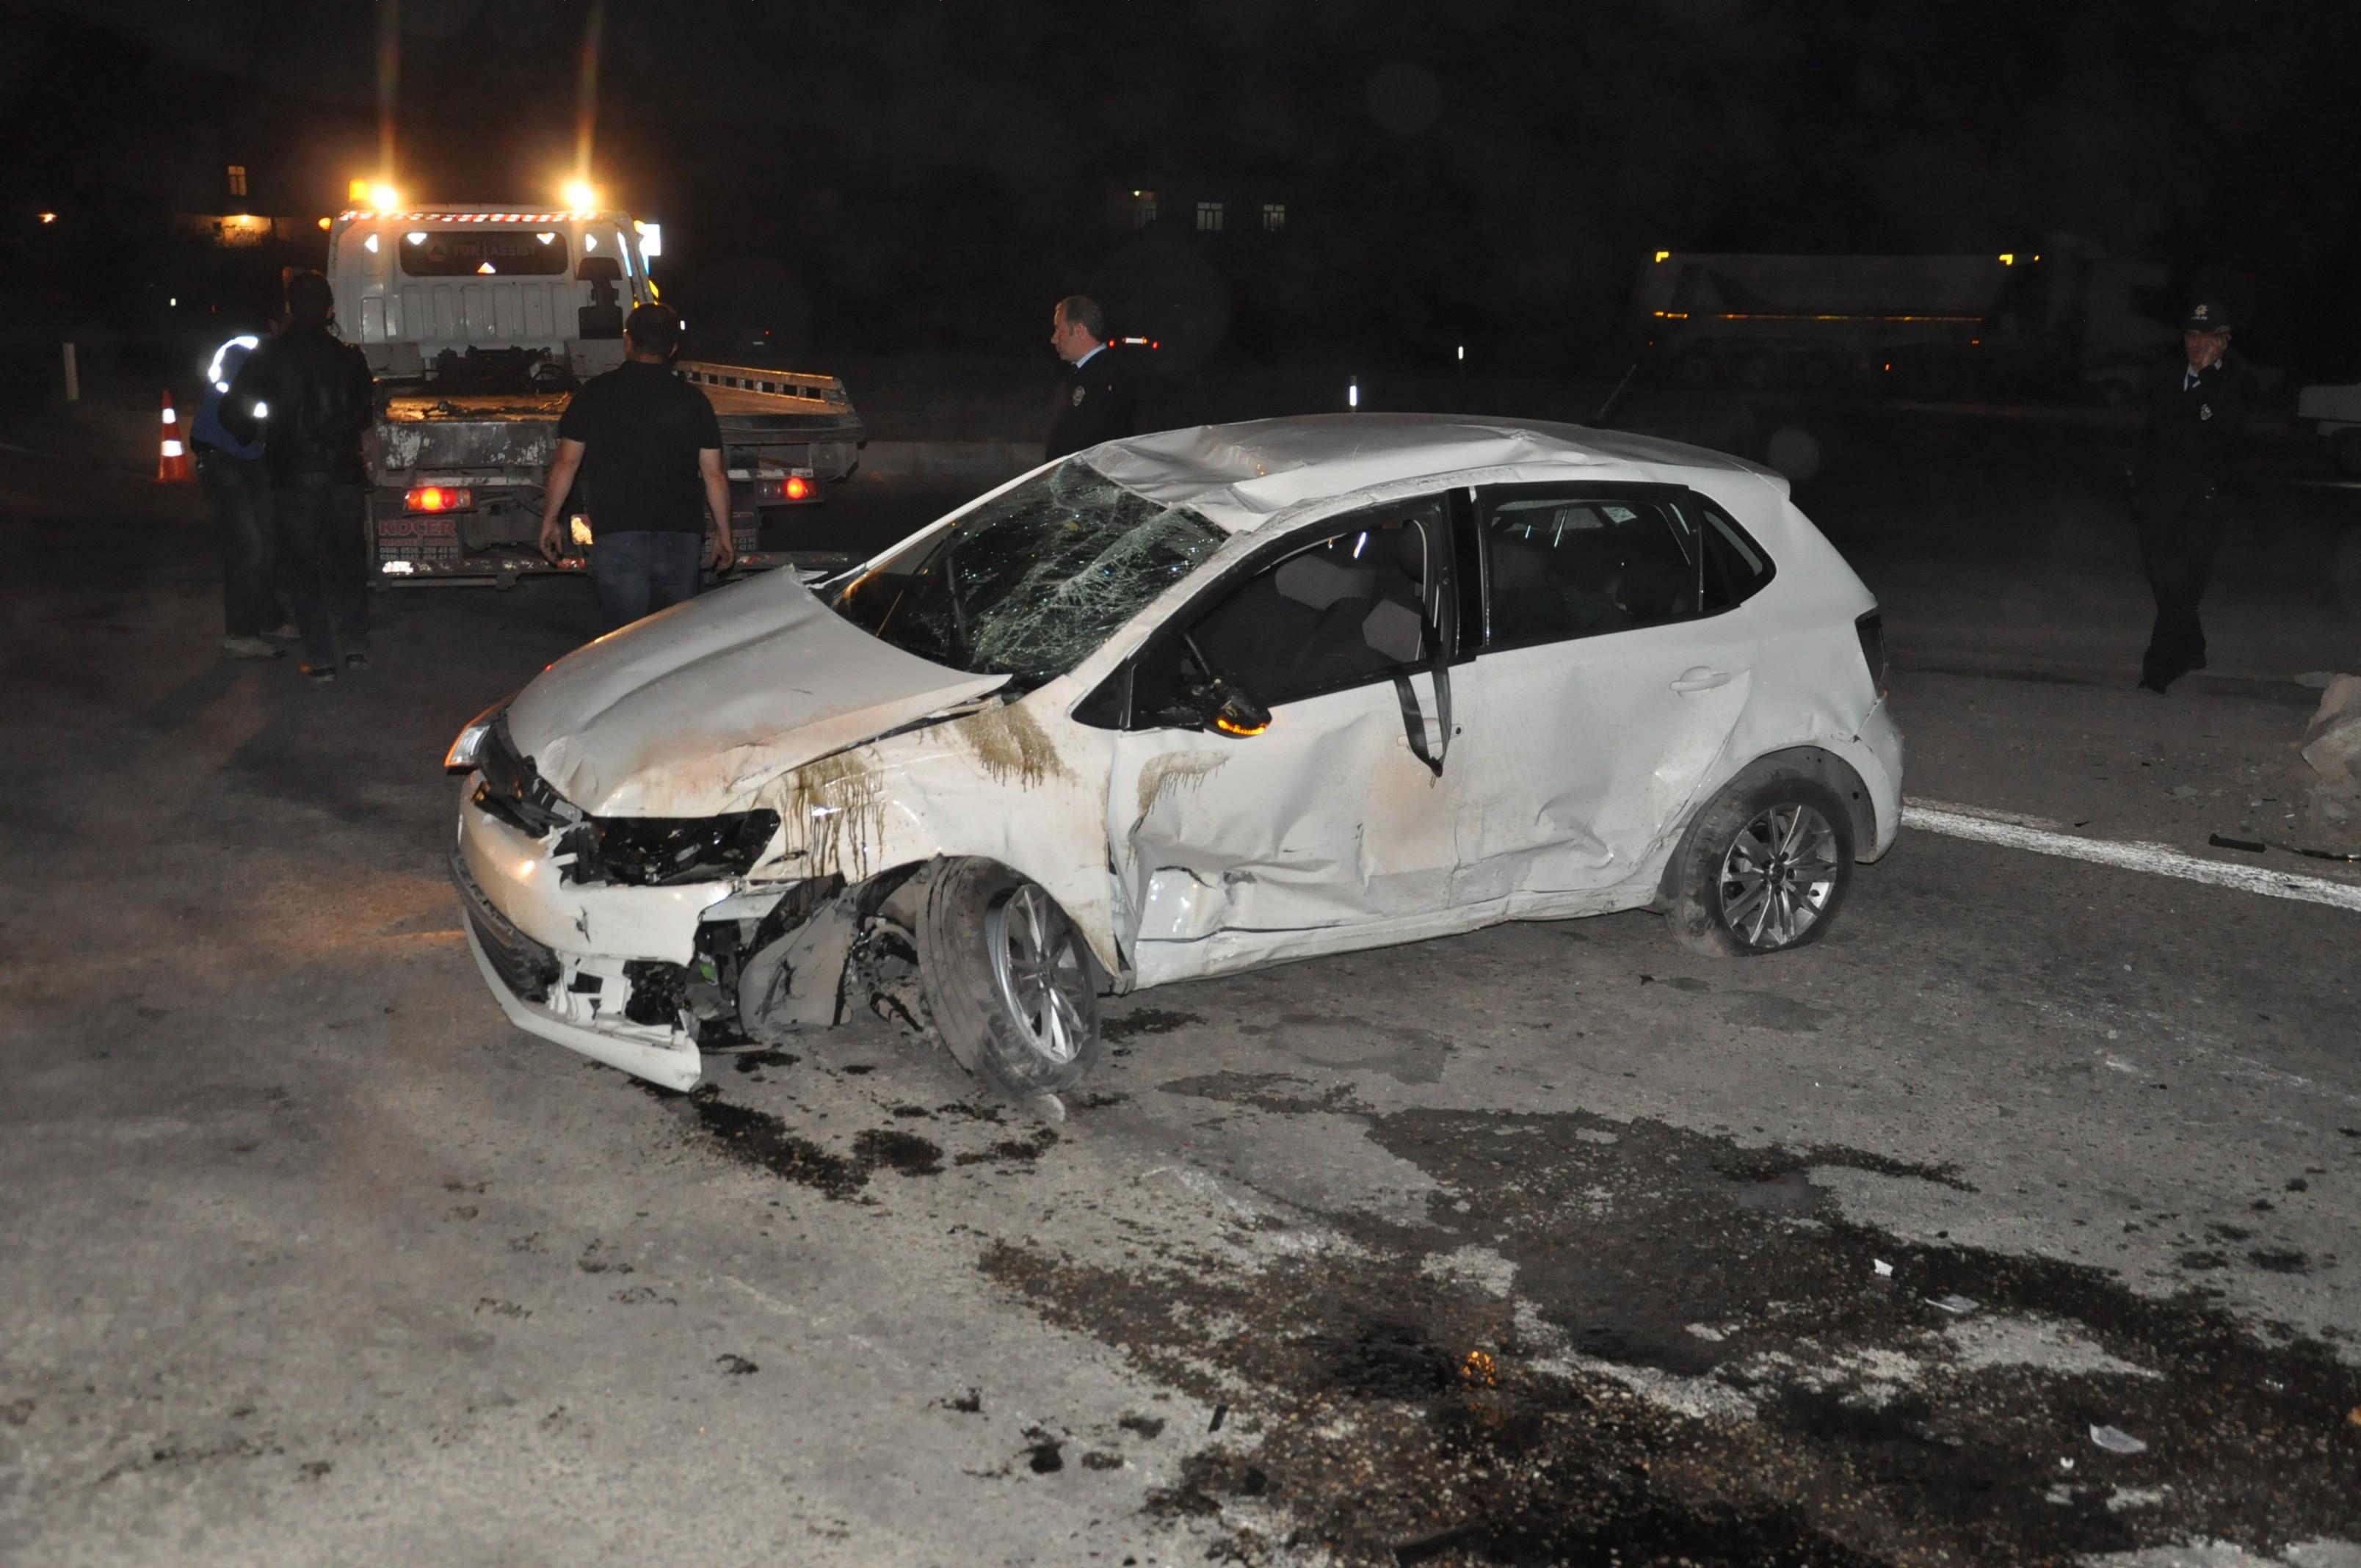 Otomobil Mobese direğine çarparak durabildi: 1 Ölü, 2 yaralı